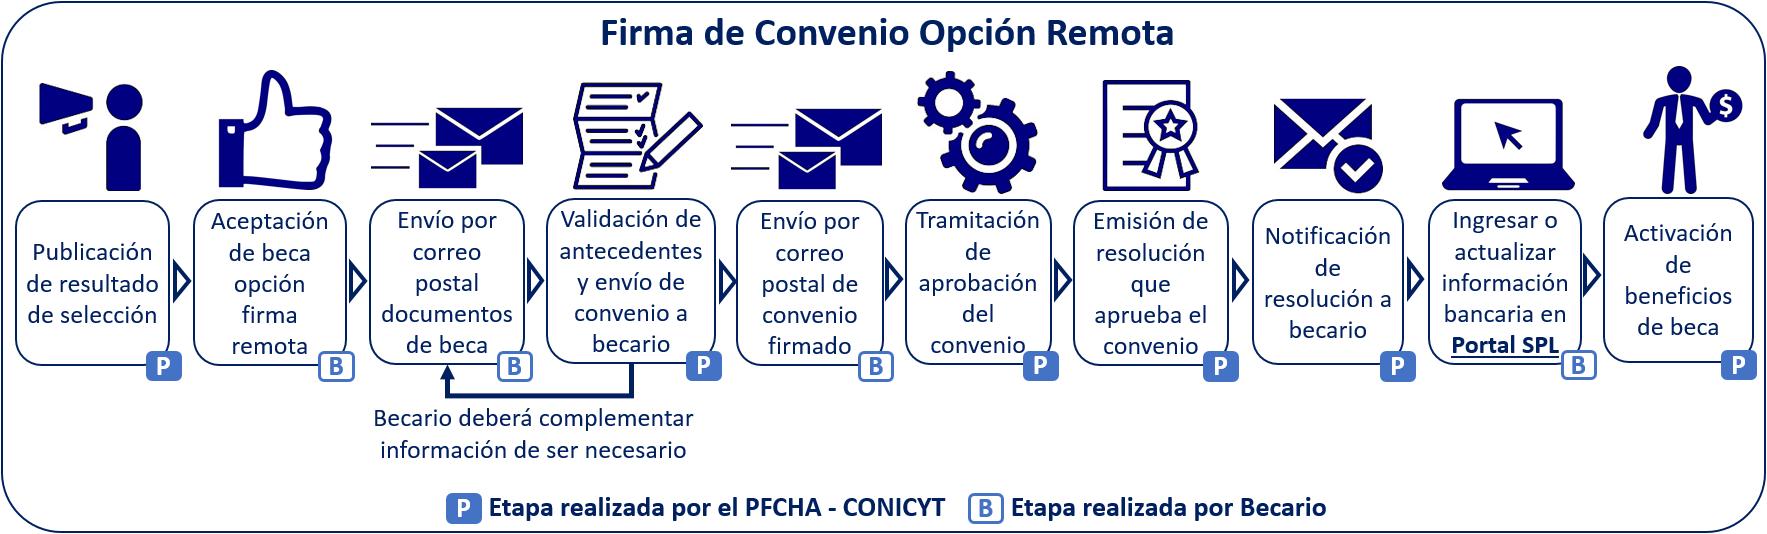 VF Firma Convenio Remota